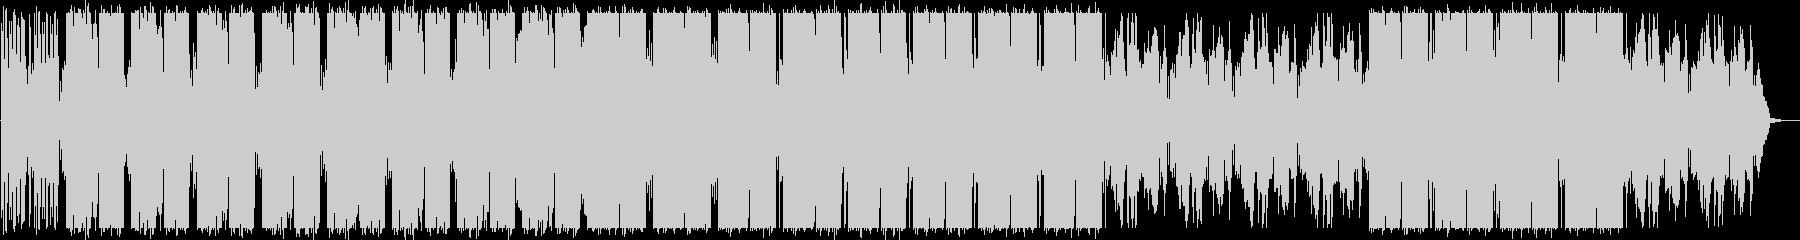 エレクトロニカ/不思議/綺麗/グリッチの未再生の波形